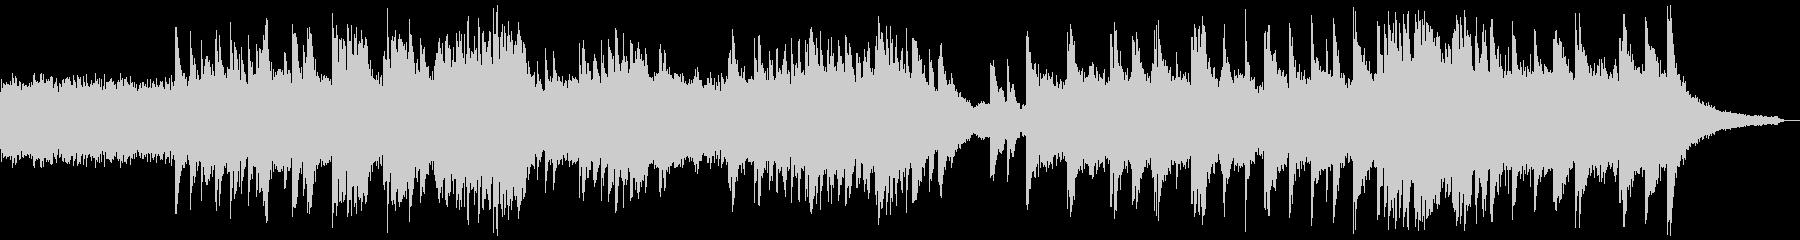 クラシック風なピアノBGMの未再生の波形